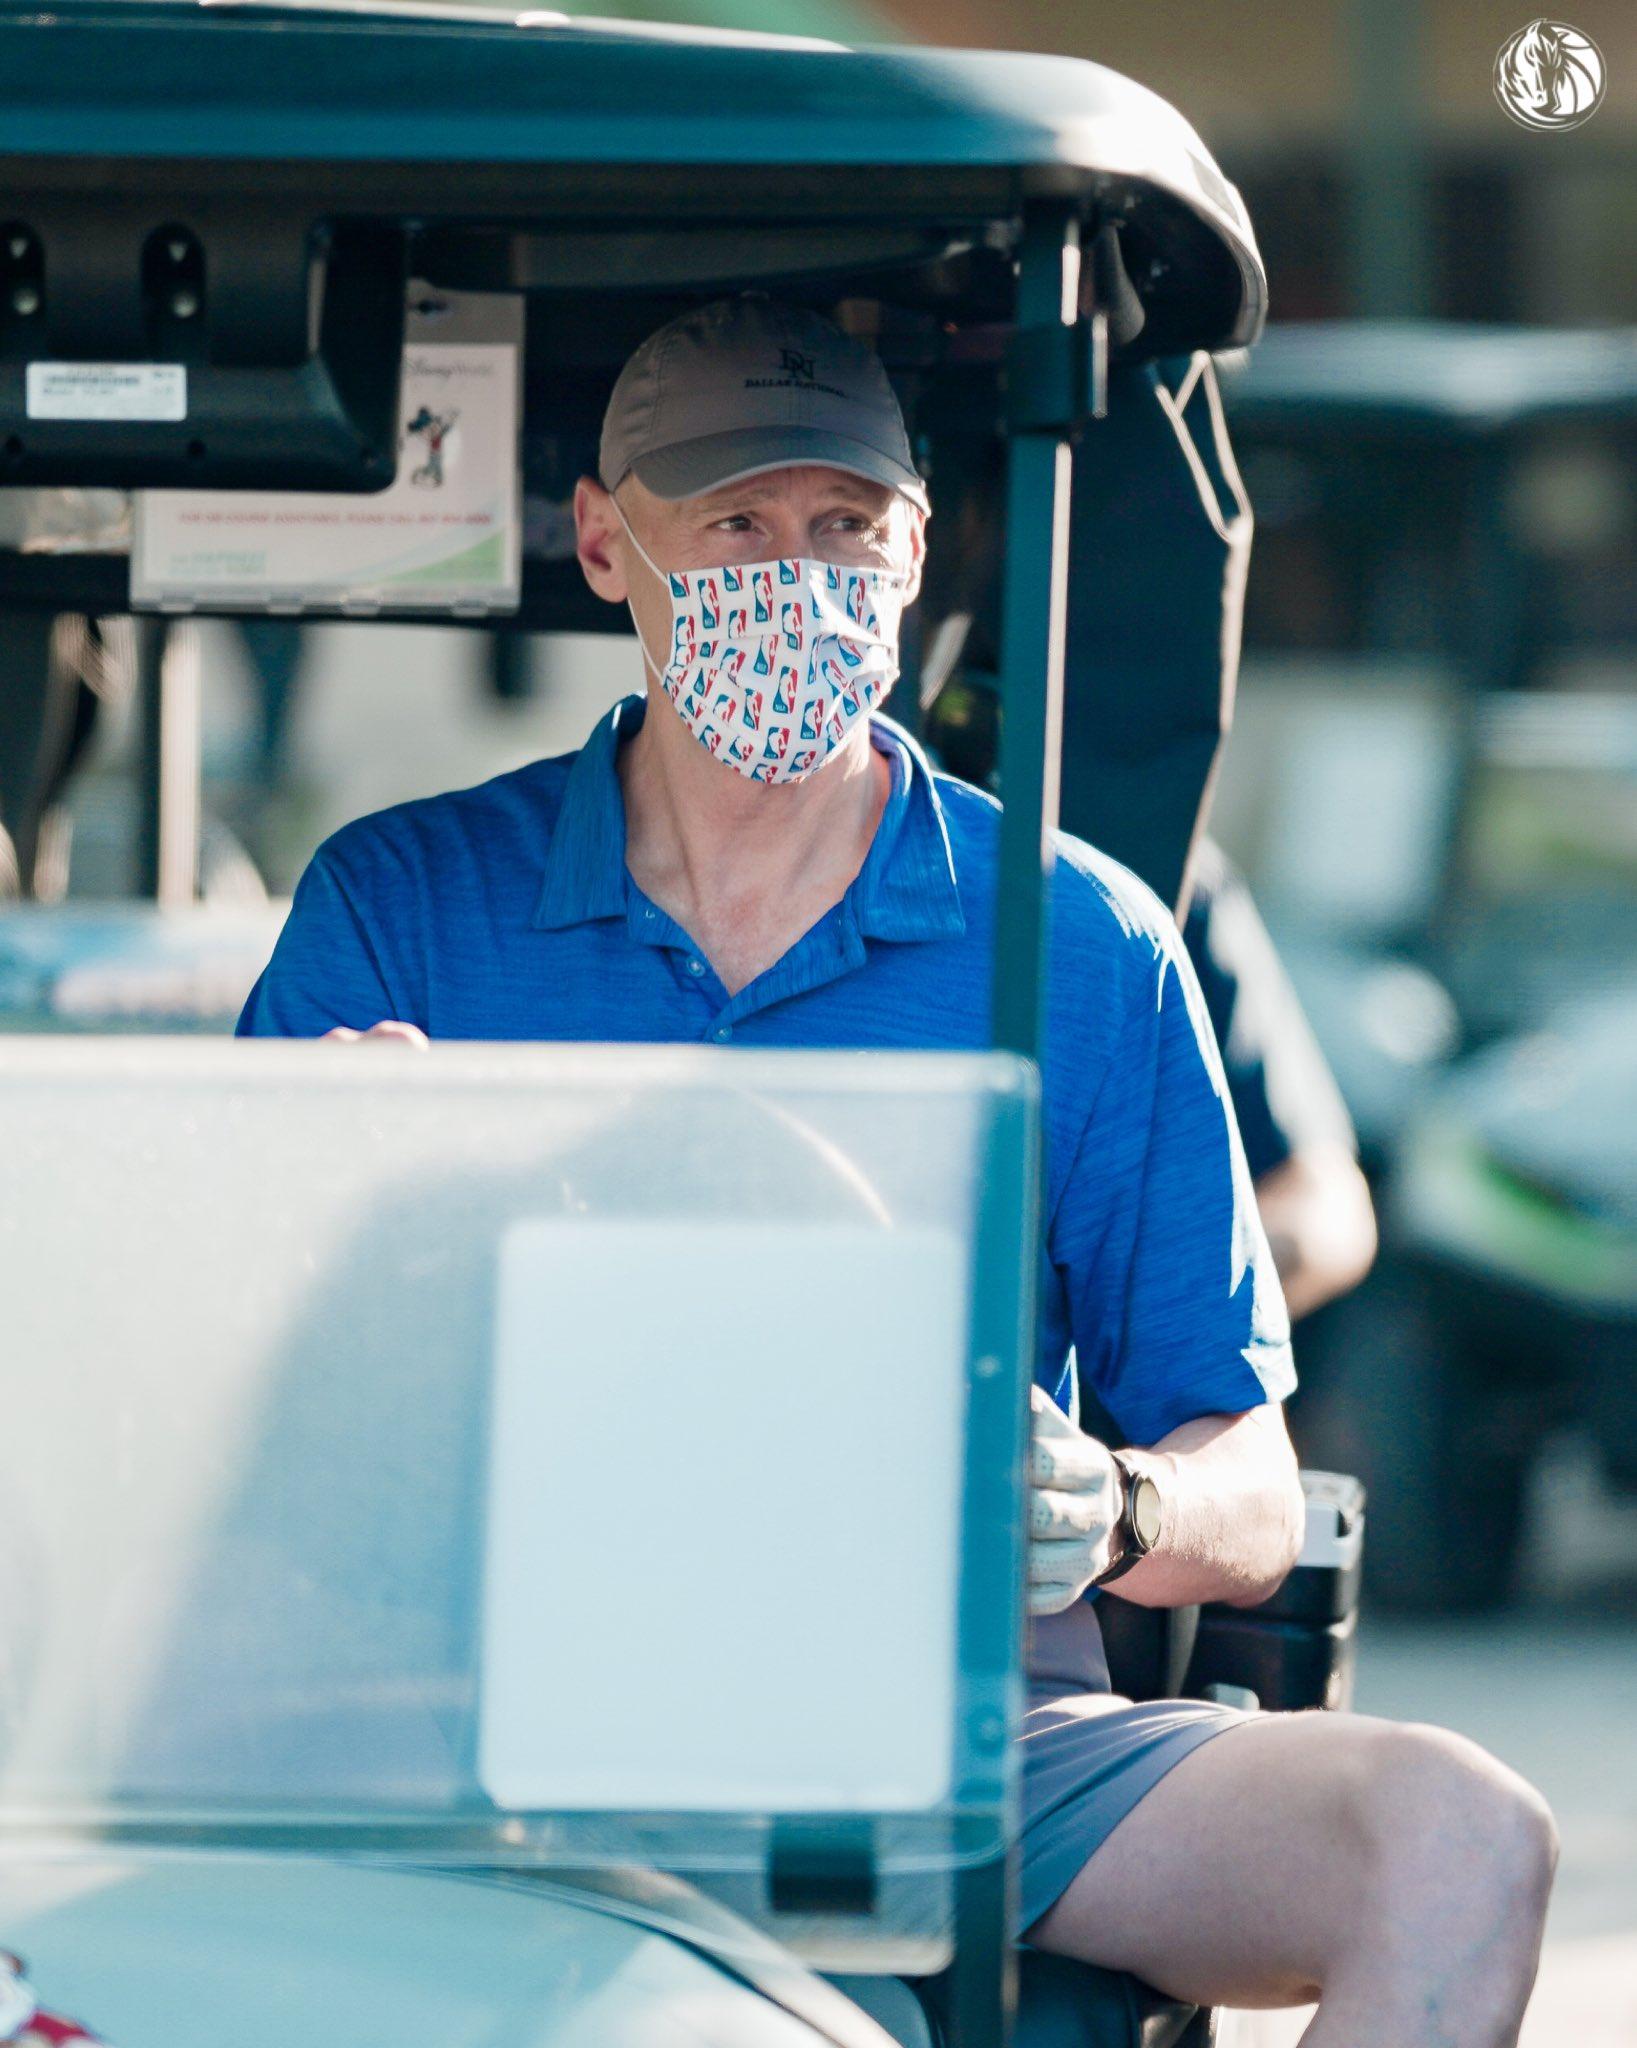 独行侠官推晒卡莱尔带球员打高尔夫照片:你觉得谁能赢?